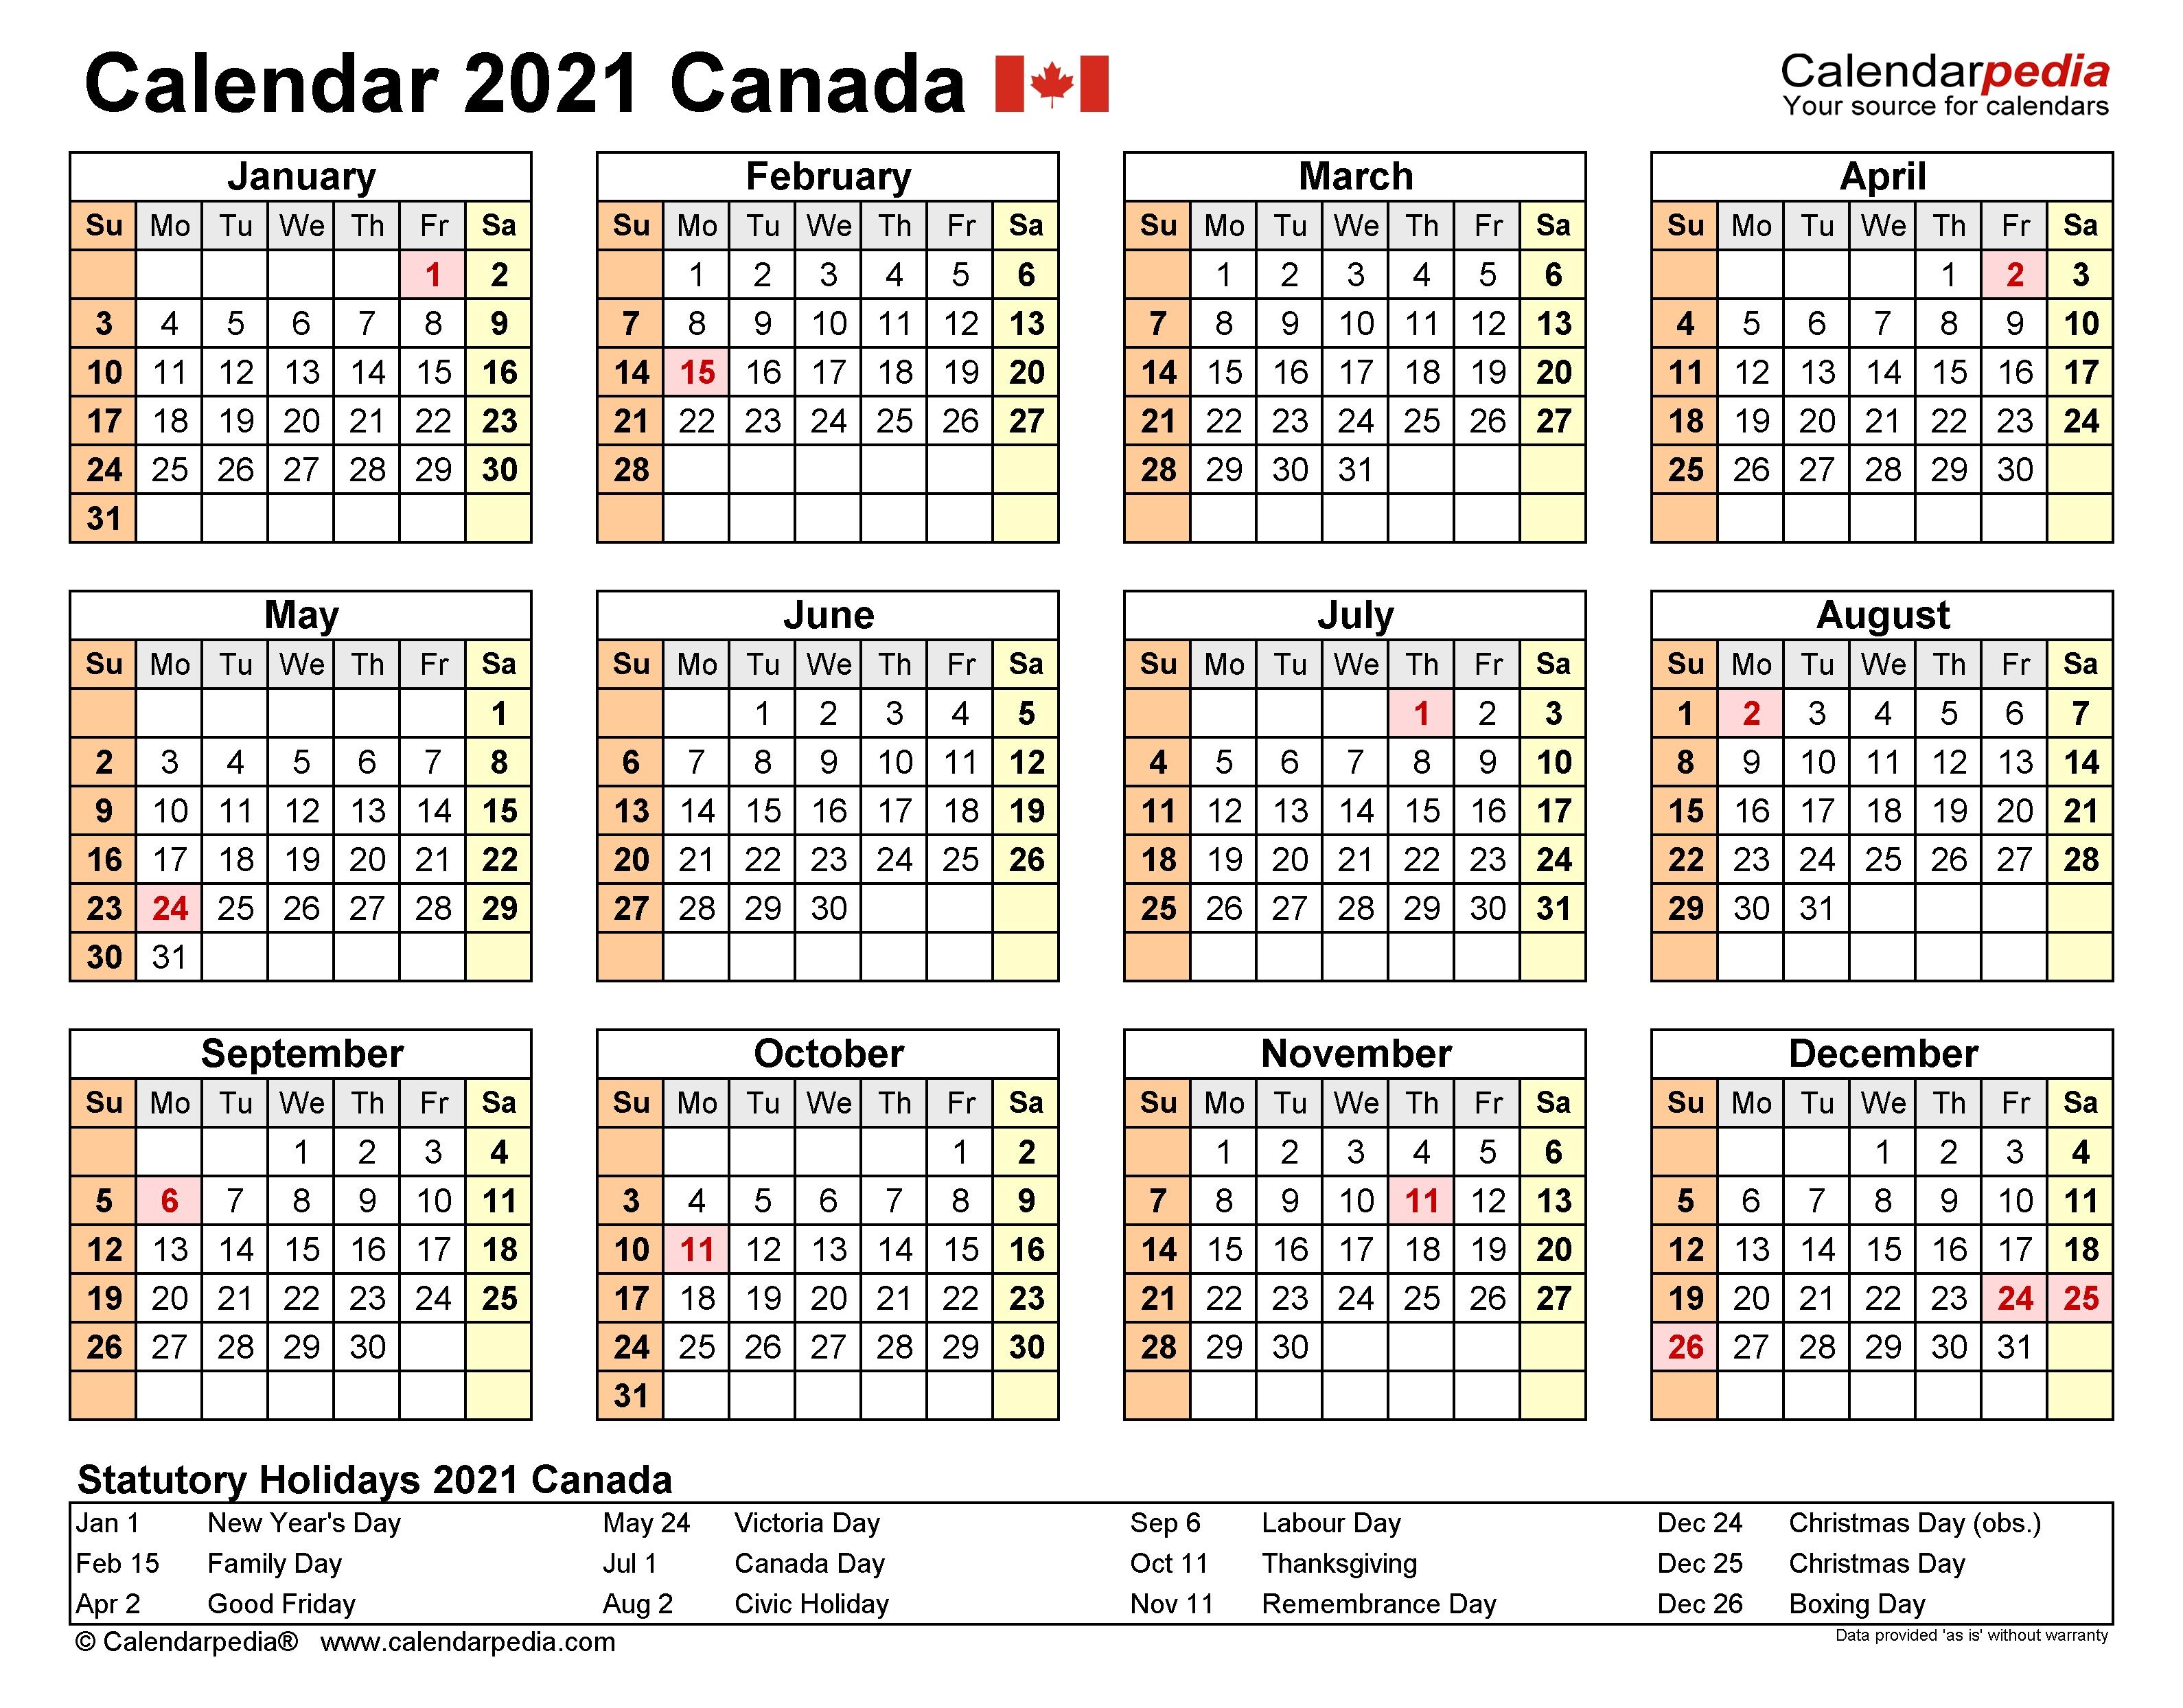 Canada Calendar 2021 - Free Printable Excel Templates  2021 19 Financial Year Calendar